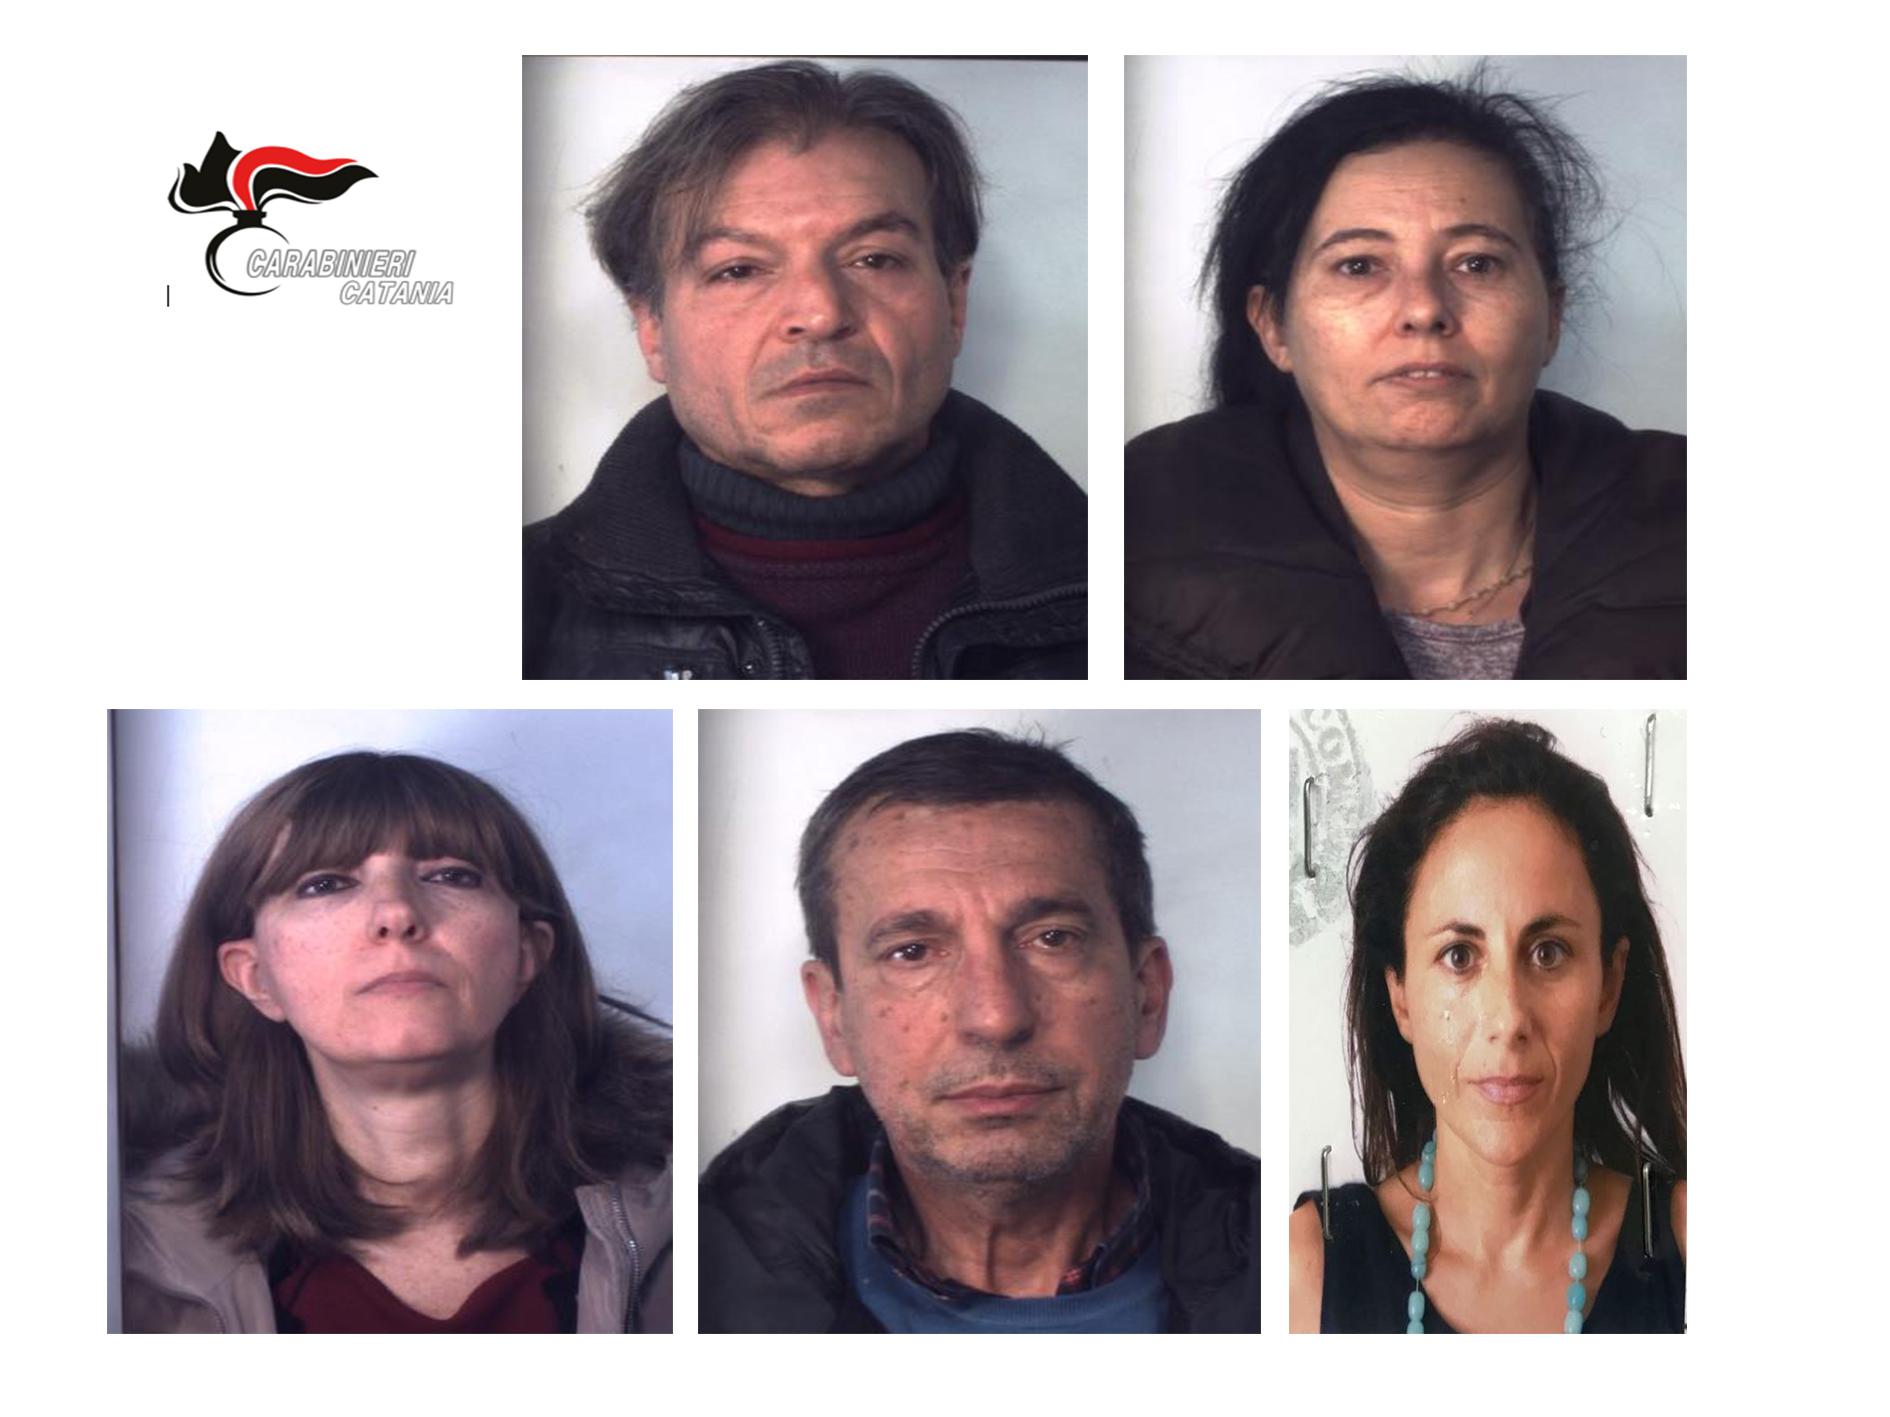 Falsi incidenti stradali a Catania, 4 arresti: coinvolti avvocati e un medico